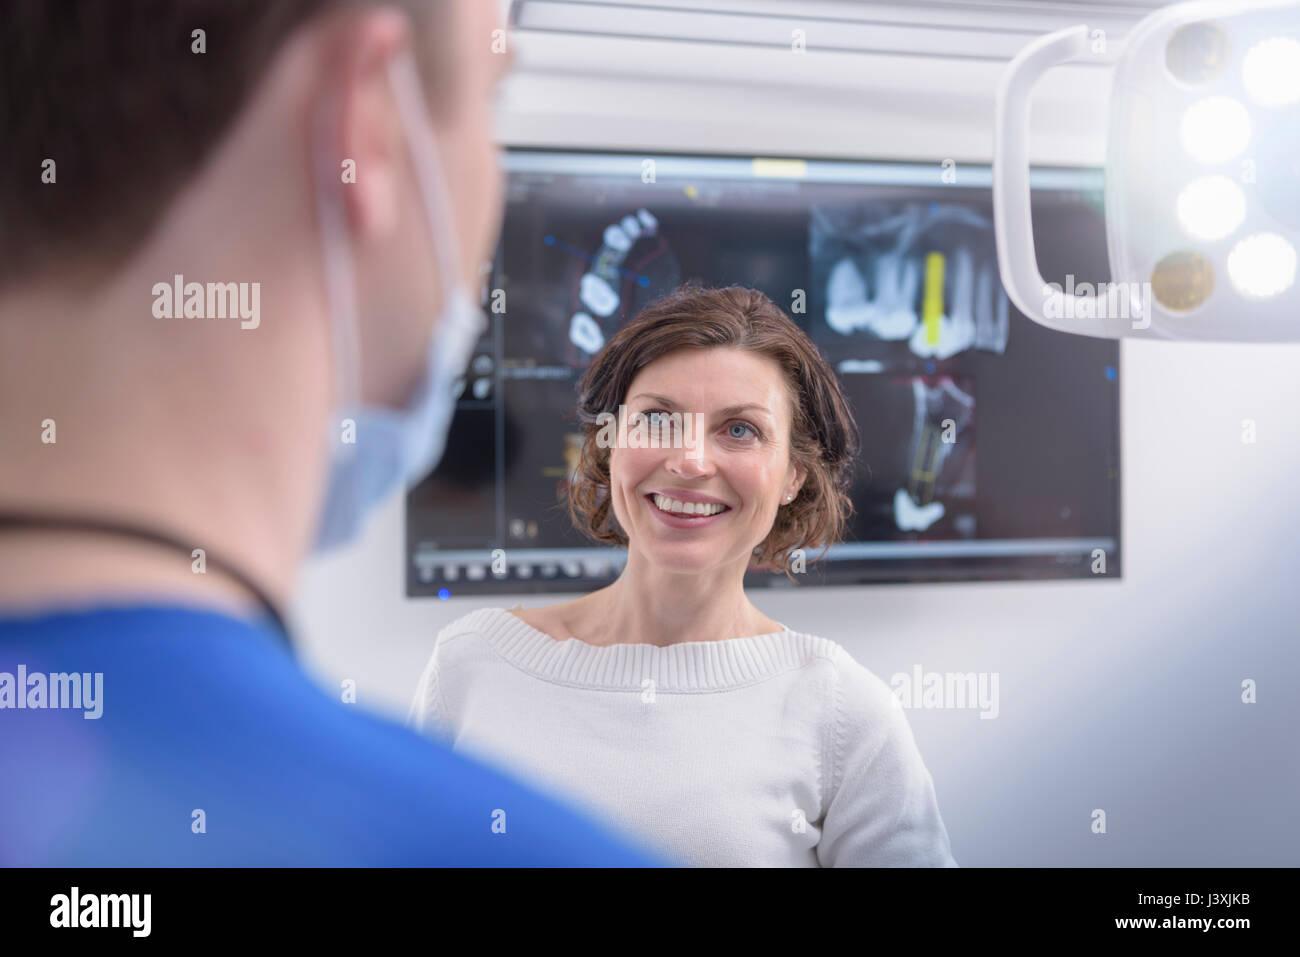 Dentista che mostra i raggi x sullo schermo al paziente in chirurgia dentale Foto Stock